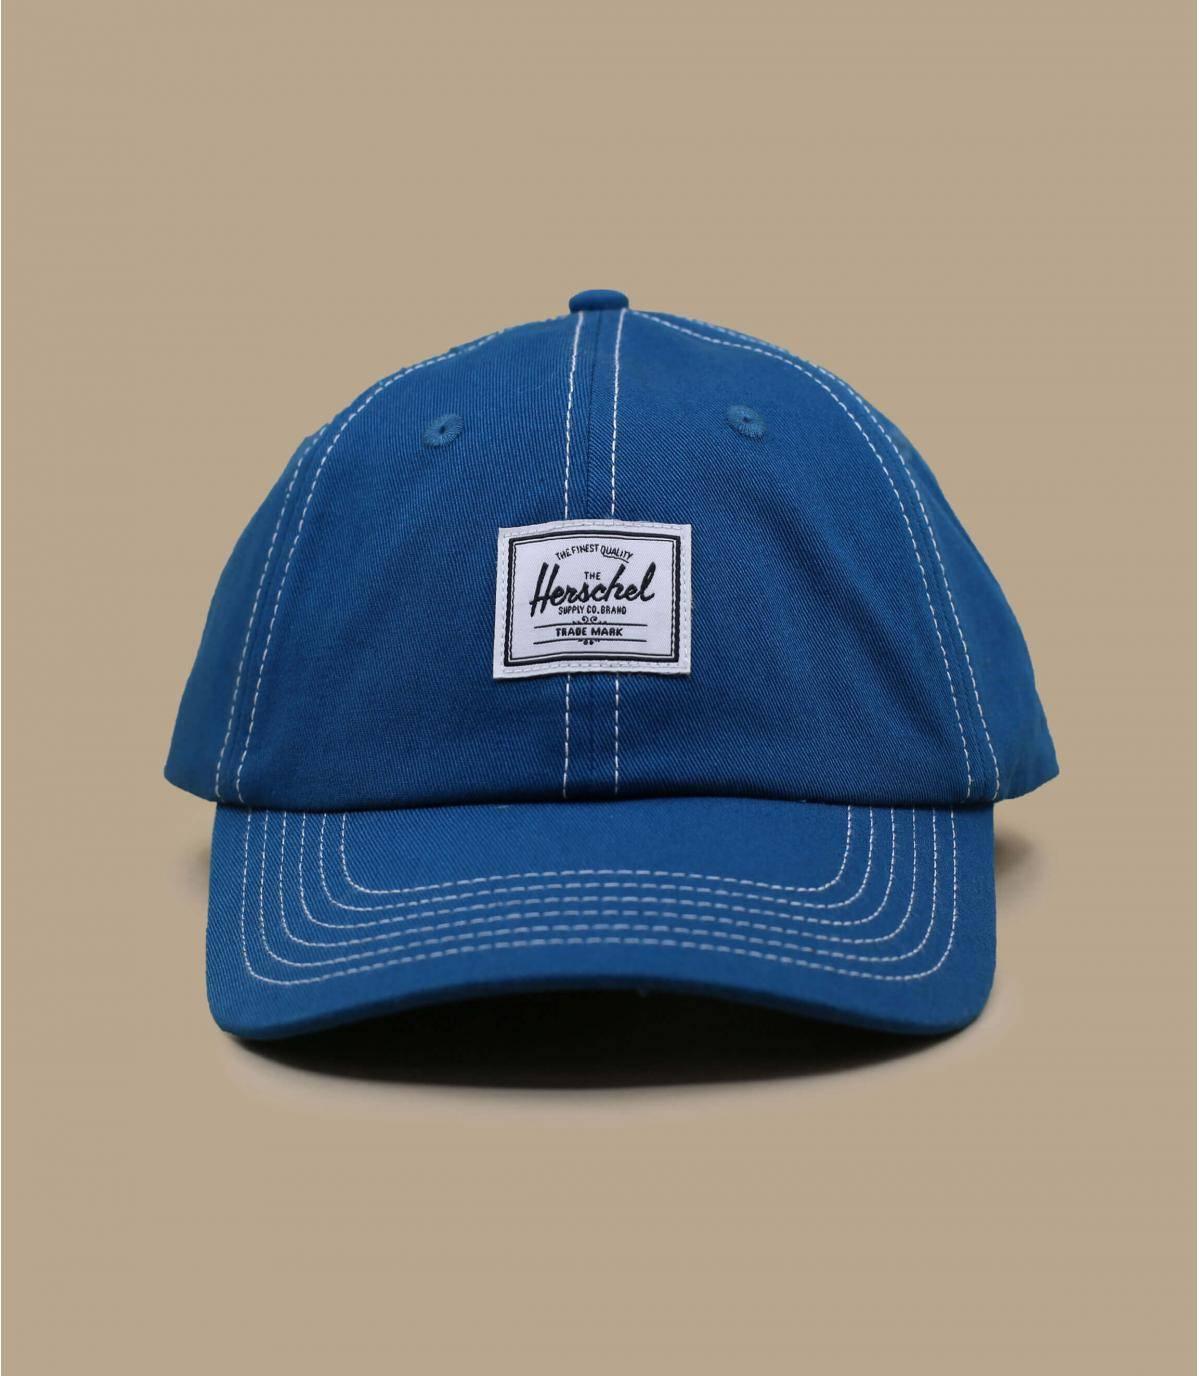 casquette Herschel bleu